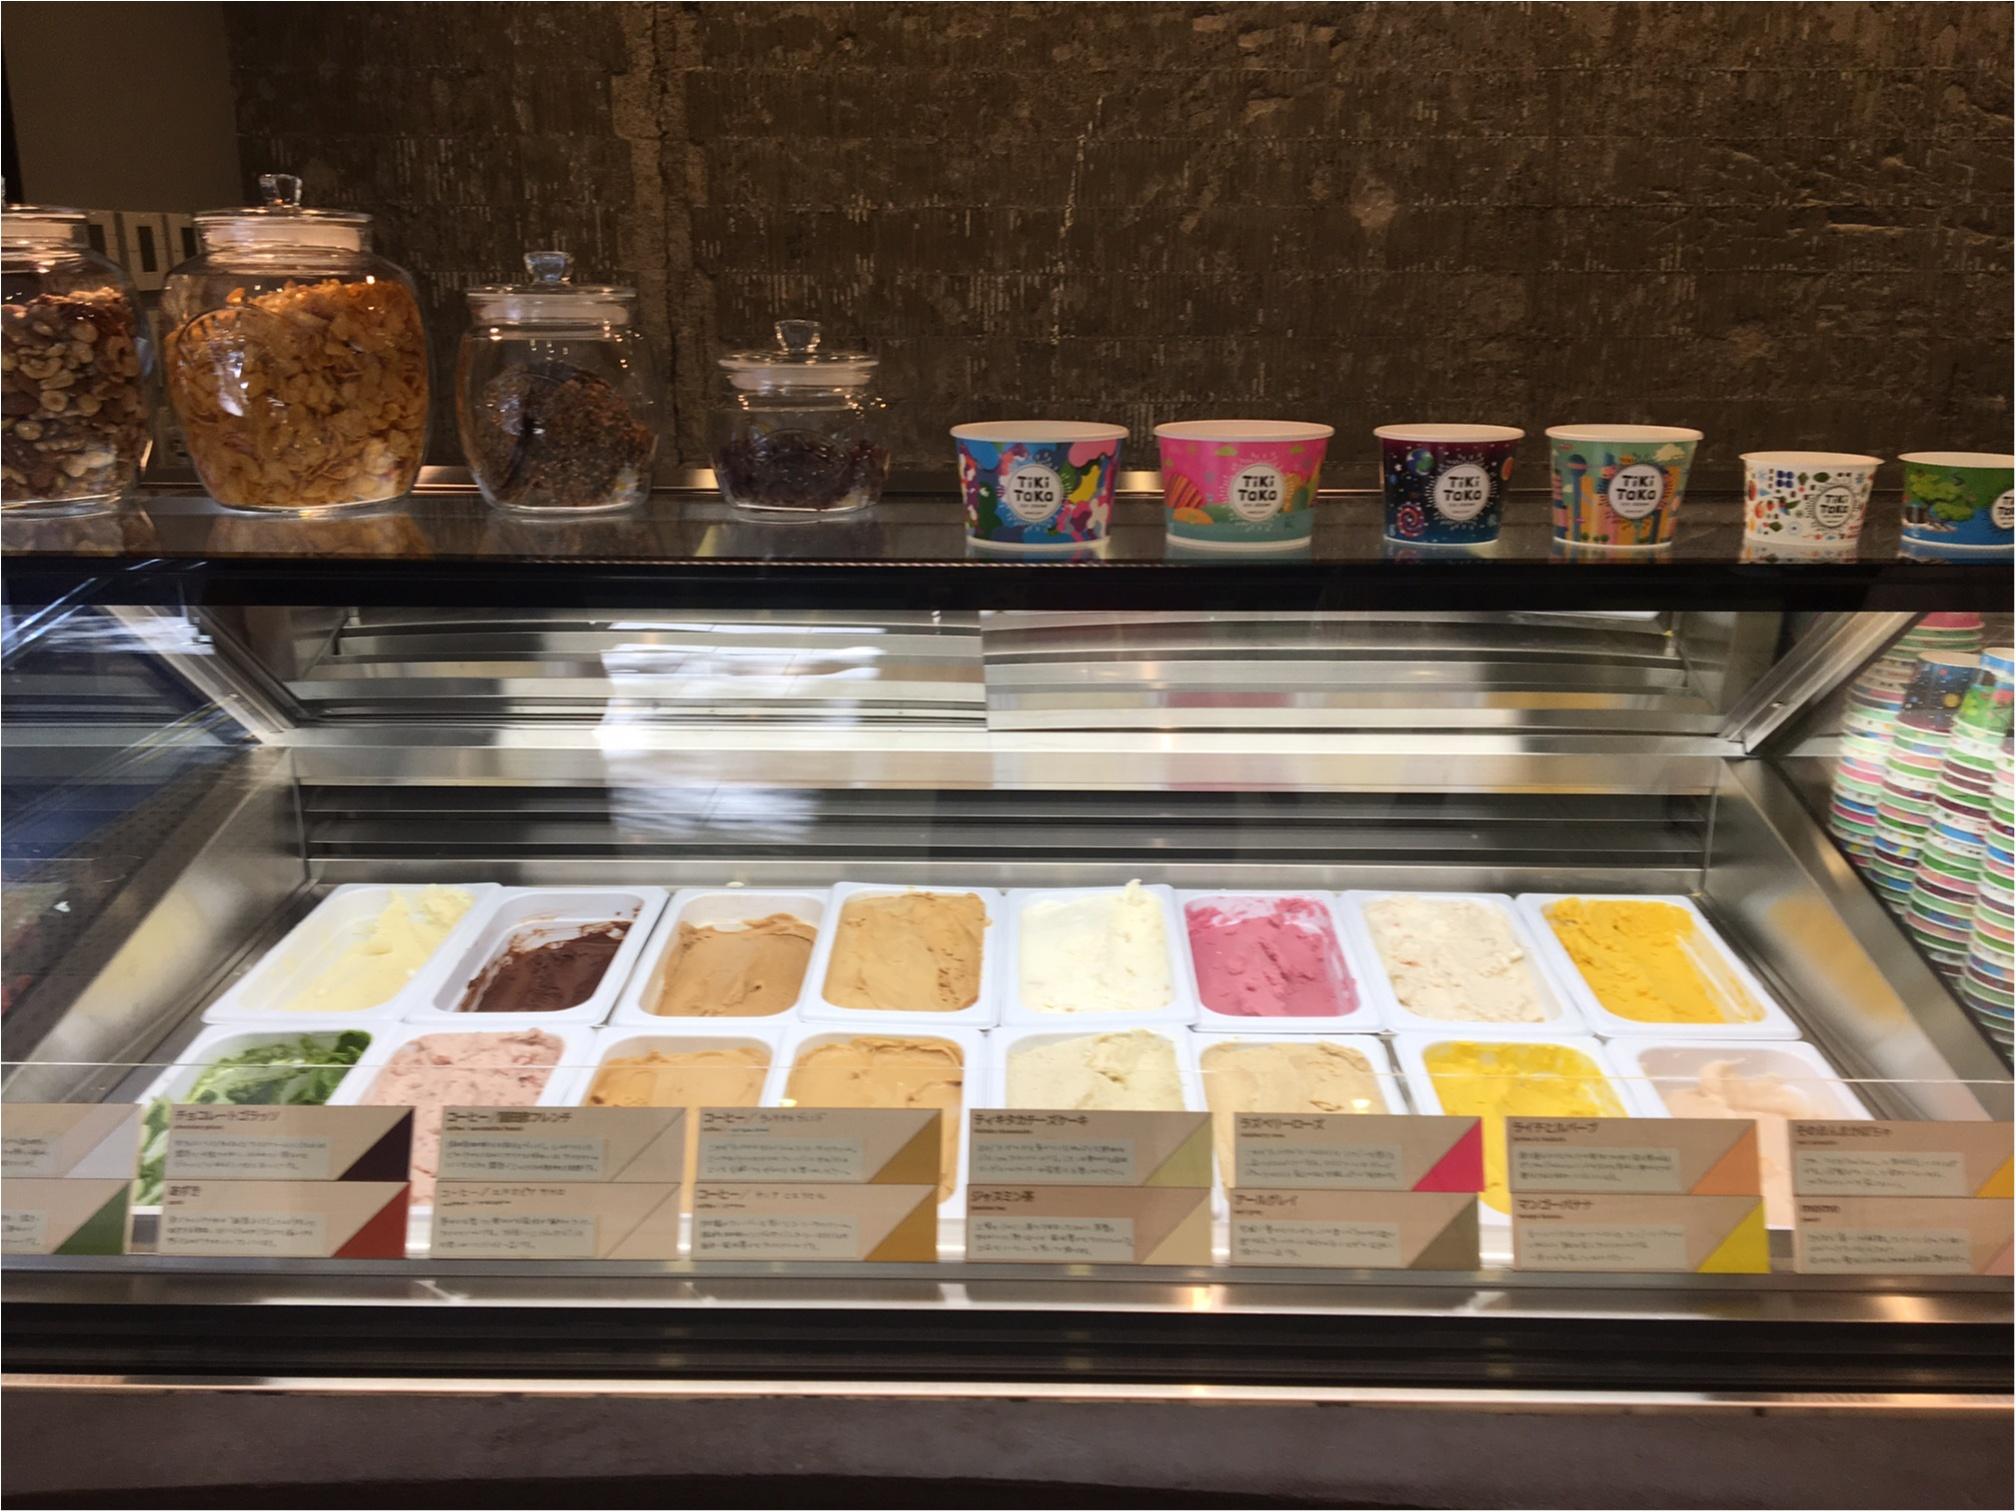 【8/29(火)新宿ルミネ1にオープン☆】『猿田彦珈琲』が手がけるアイスクリームショップ『ティキタカ アイスクリーム』で味わう、夢のコーヒーフロート!_2_2